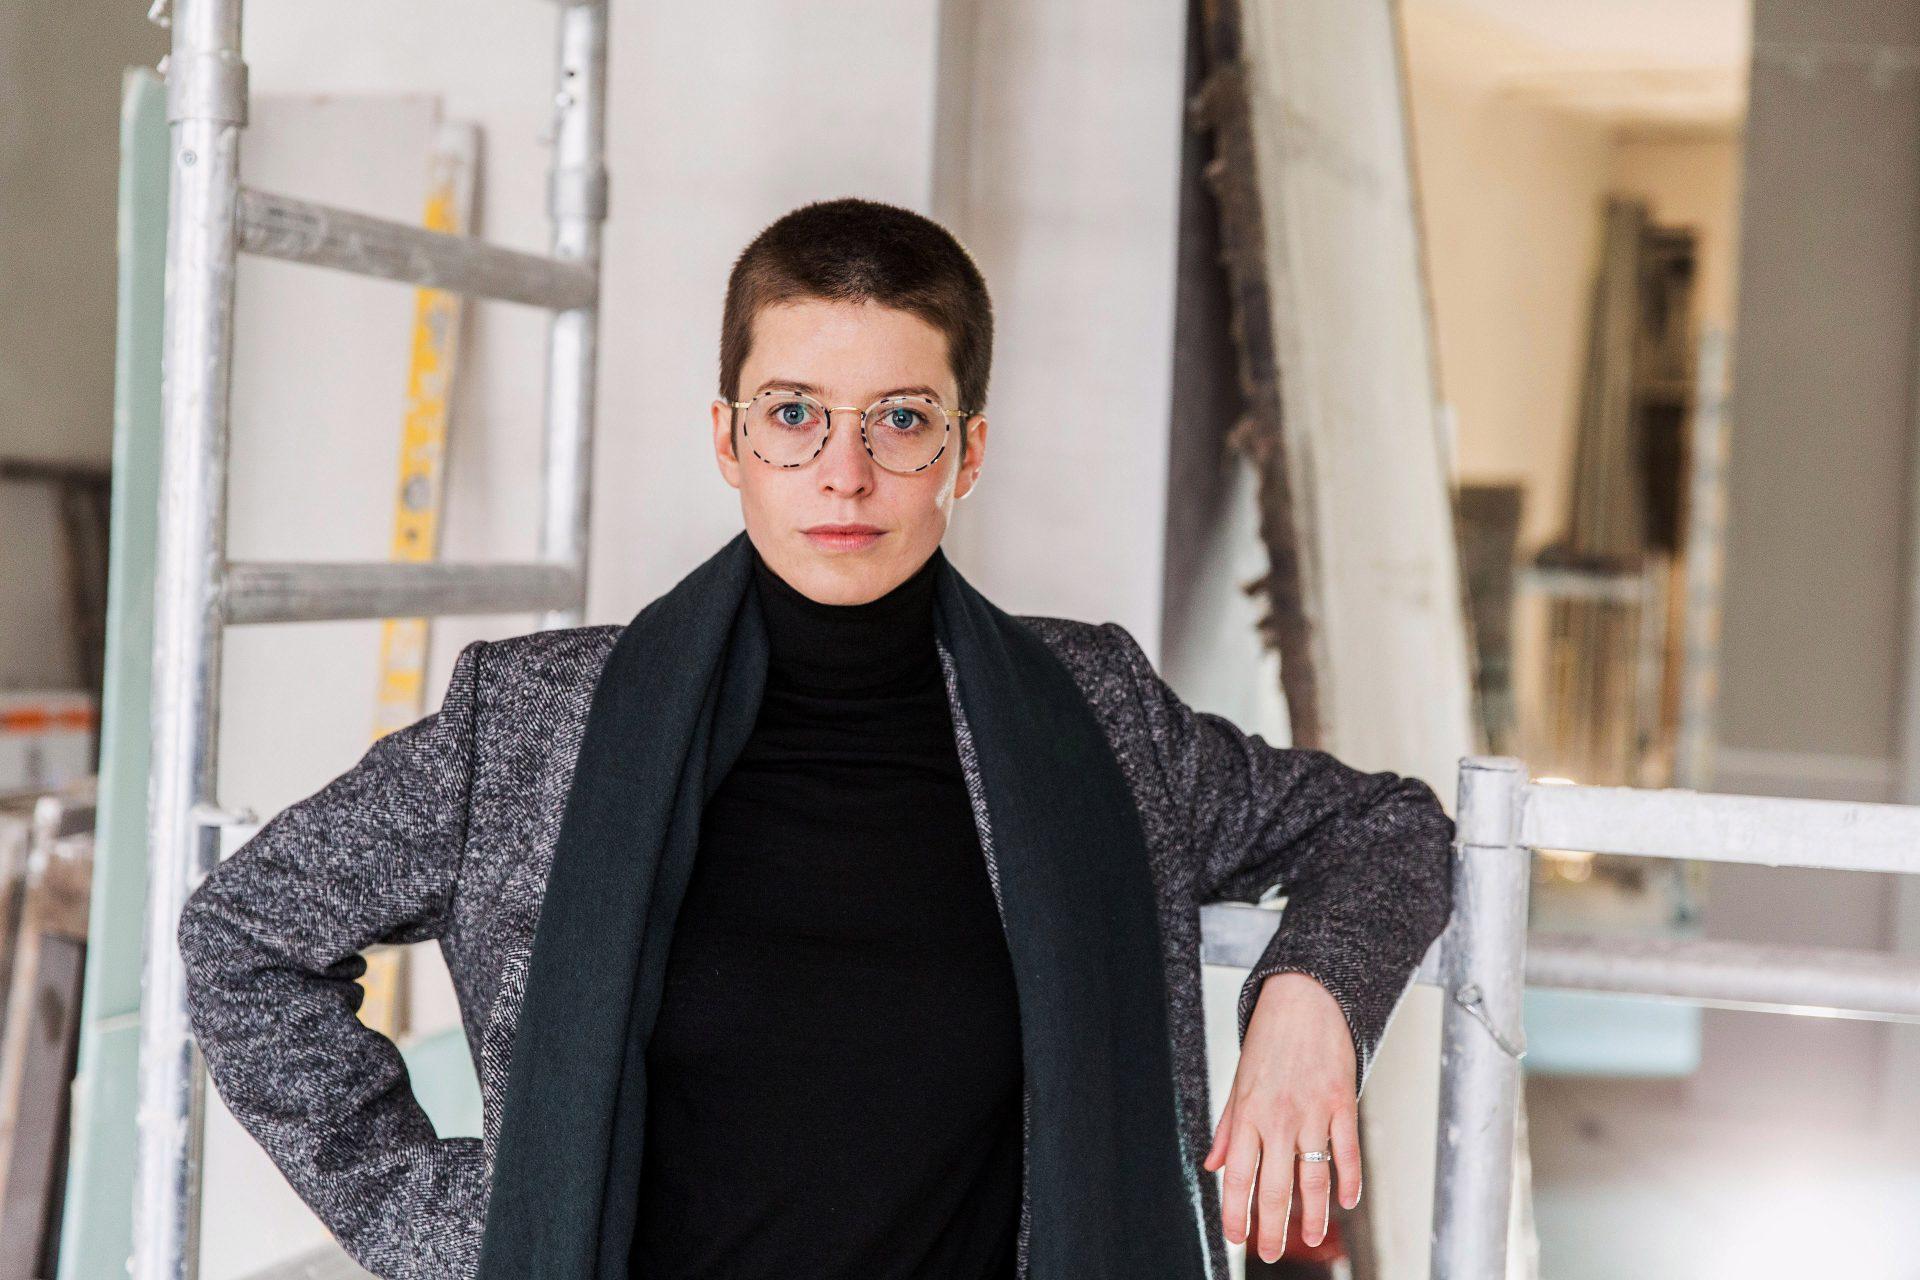 Emilia von Senger, auf der Baustelle in ihren zukünftigen Räumen einer Autor*innen Buchhandlung am Kottbusser Damm (Portraits)